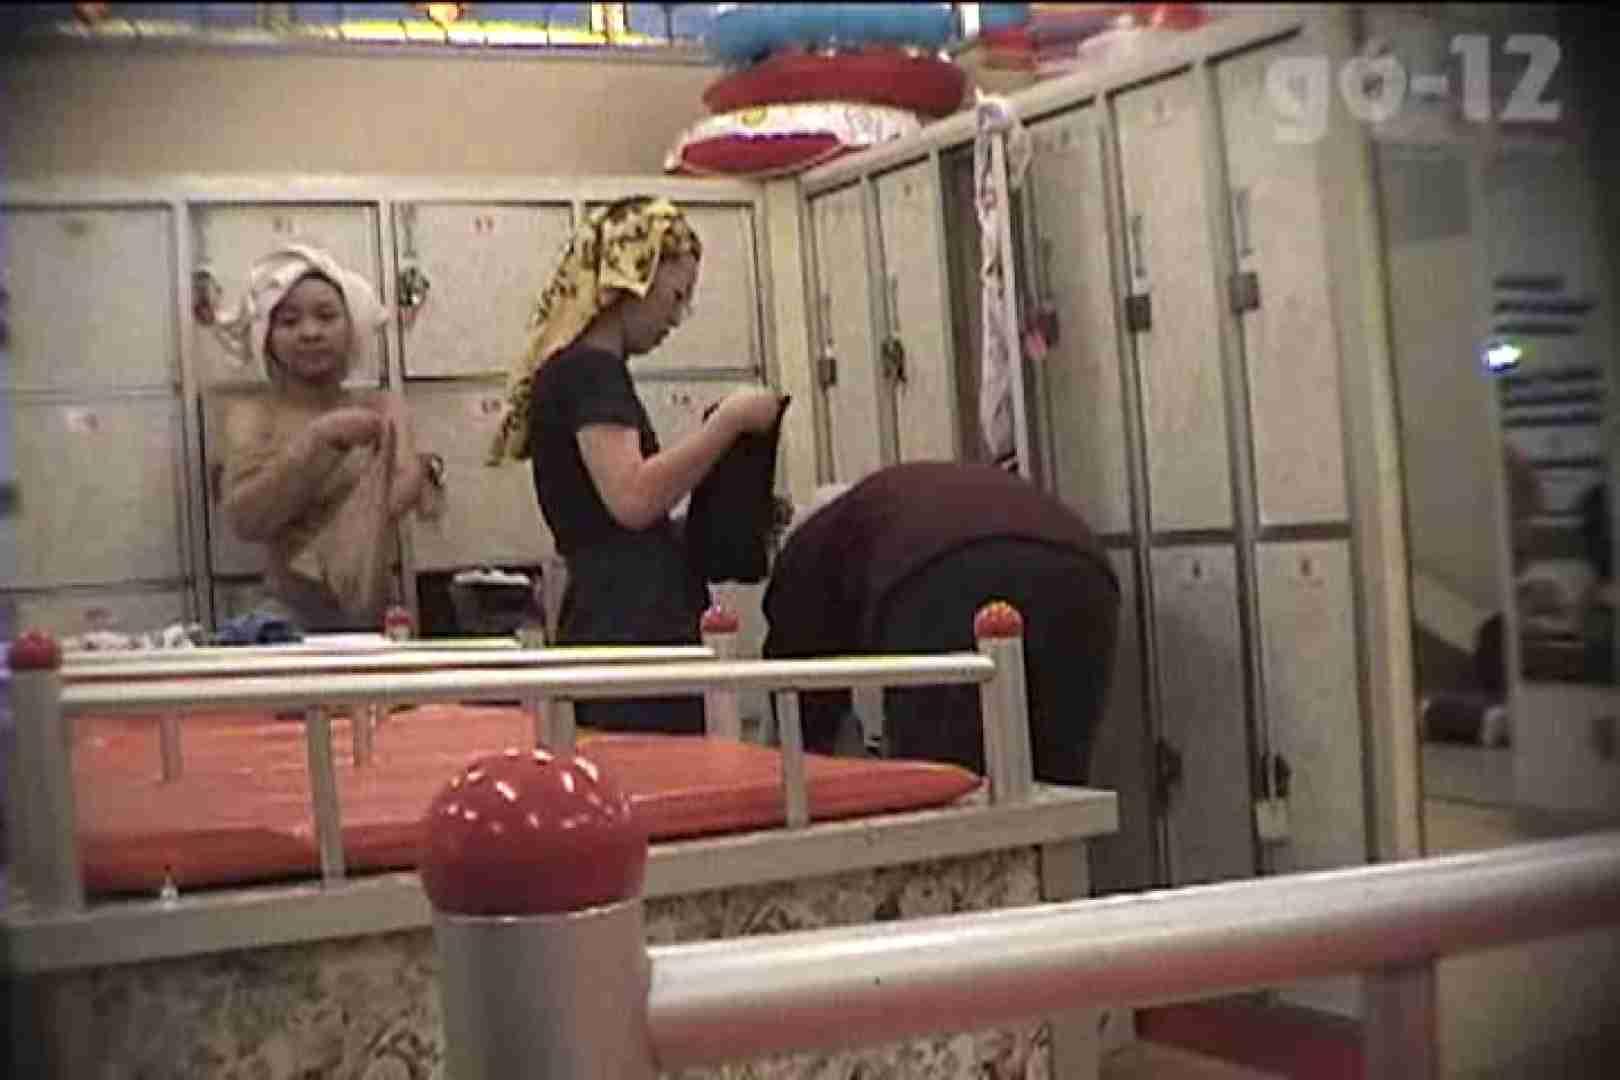 電波カメラ設置浴場からの防HAN映像 Vol.12 盗撮で悶絶 すけべAV動画紹介 49画像 31